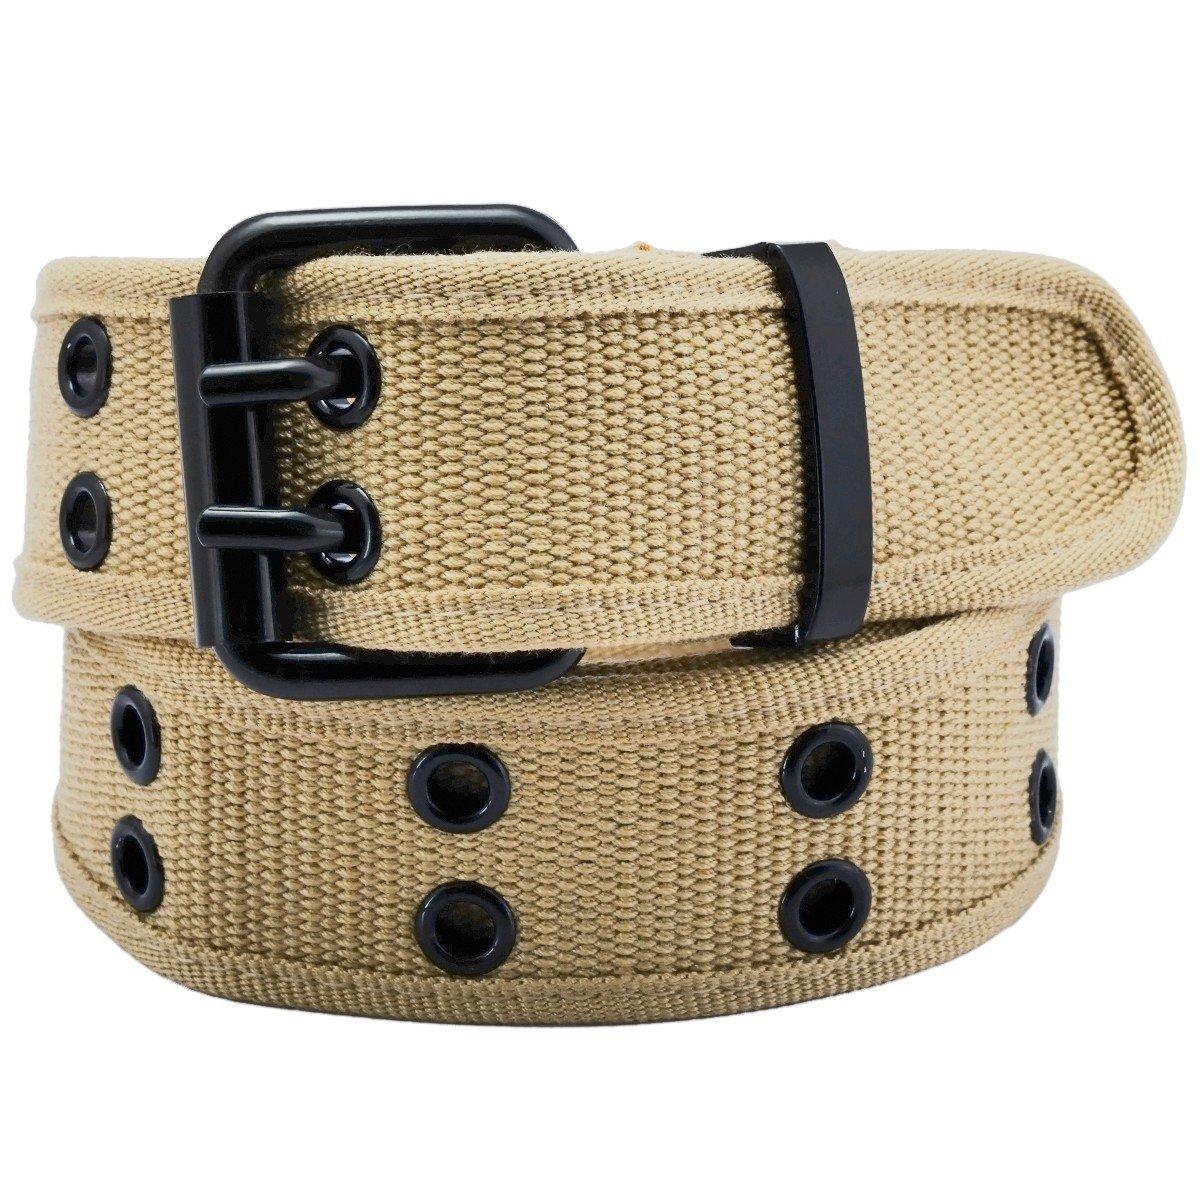 Samtree Canvas Web Belts for Men Women, Double Grommet Hole Buckle Belt Double Grommet Hole Buckle Belt(Brown) AM0263-5